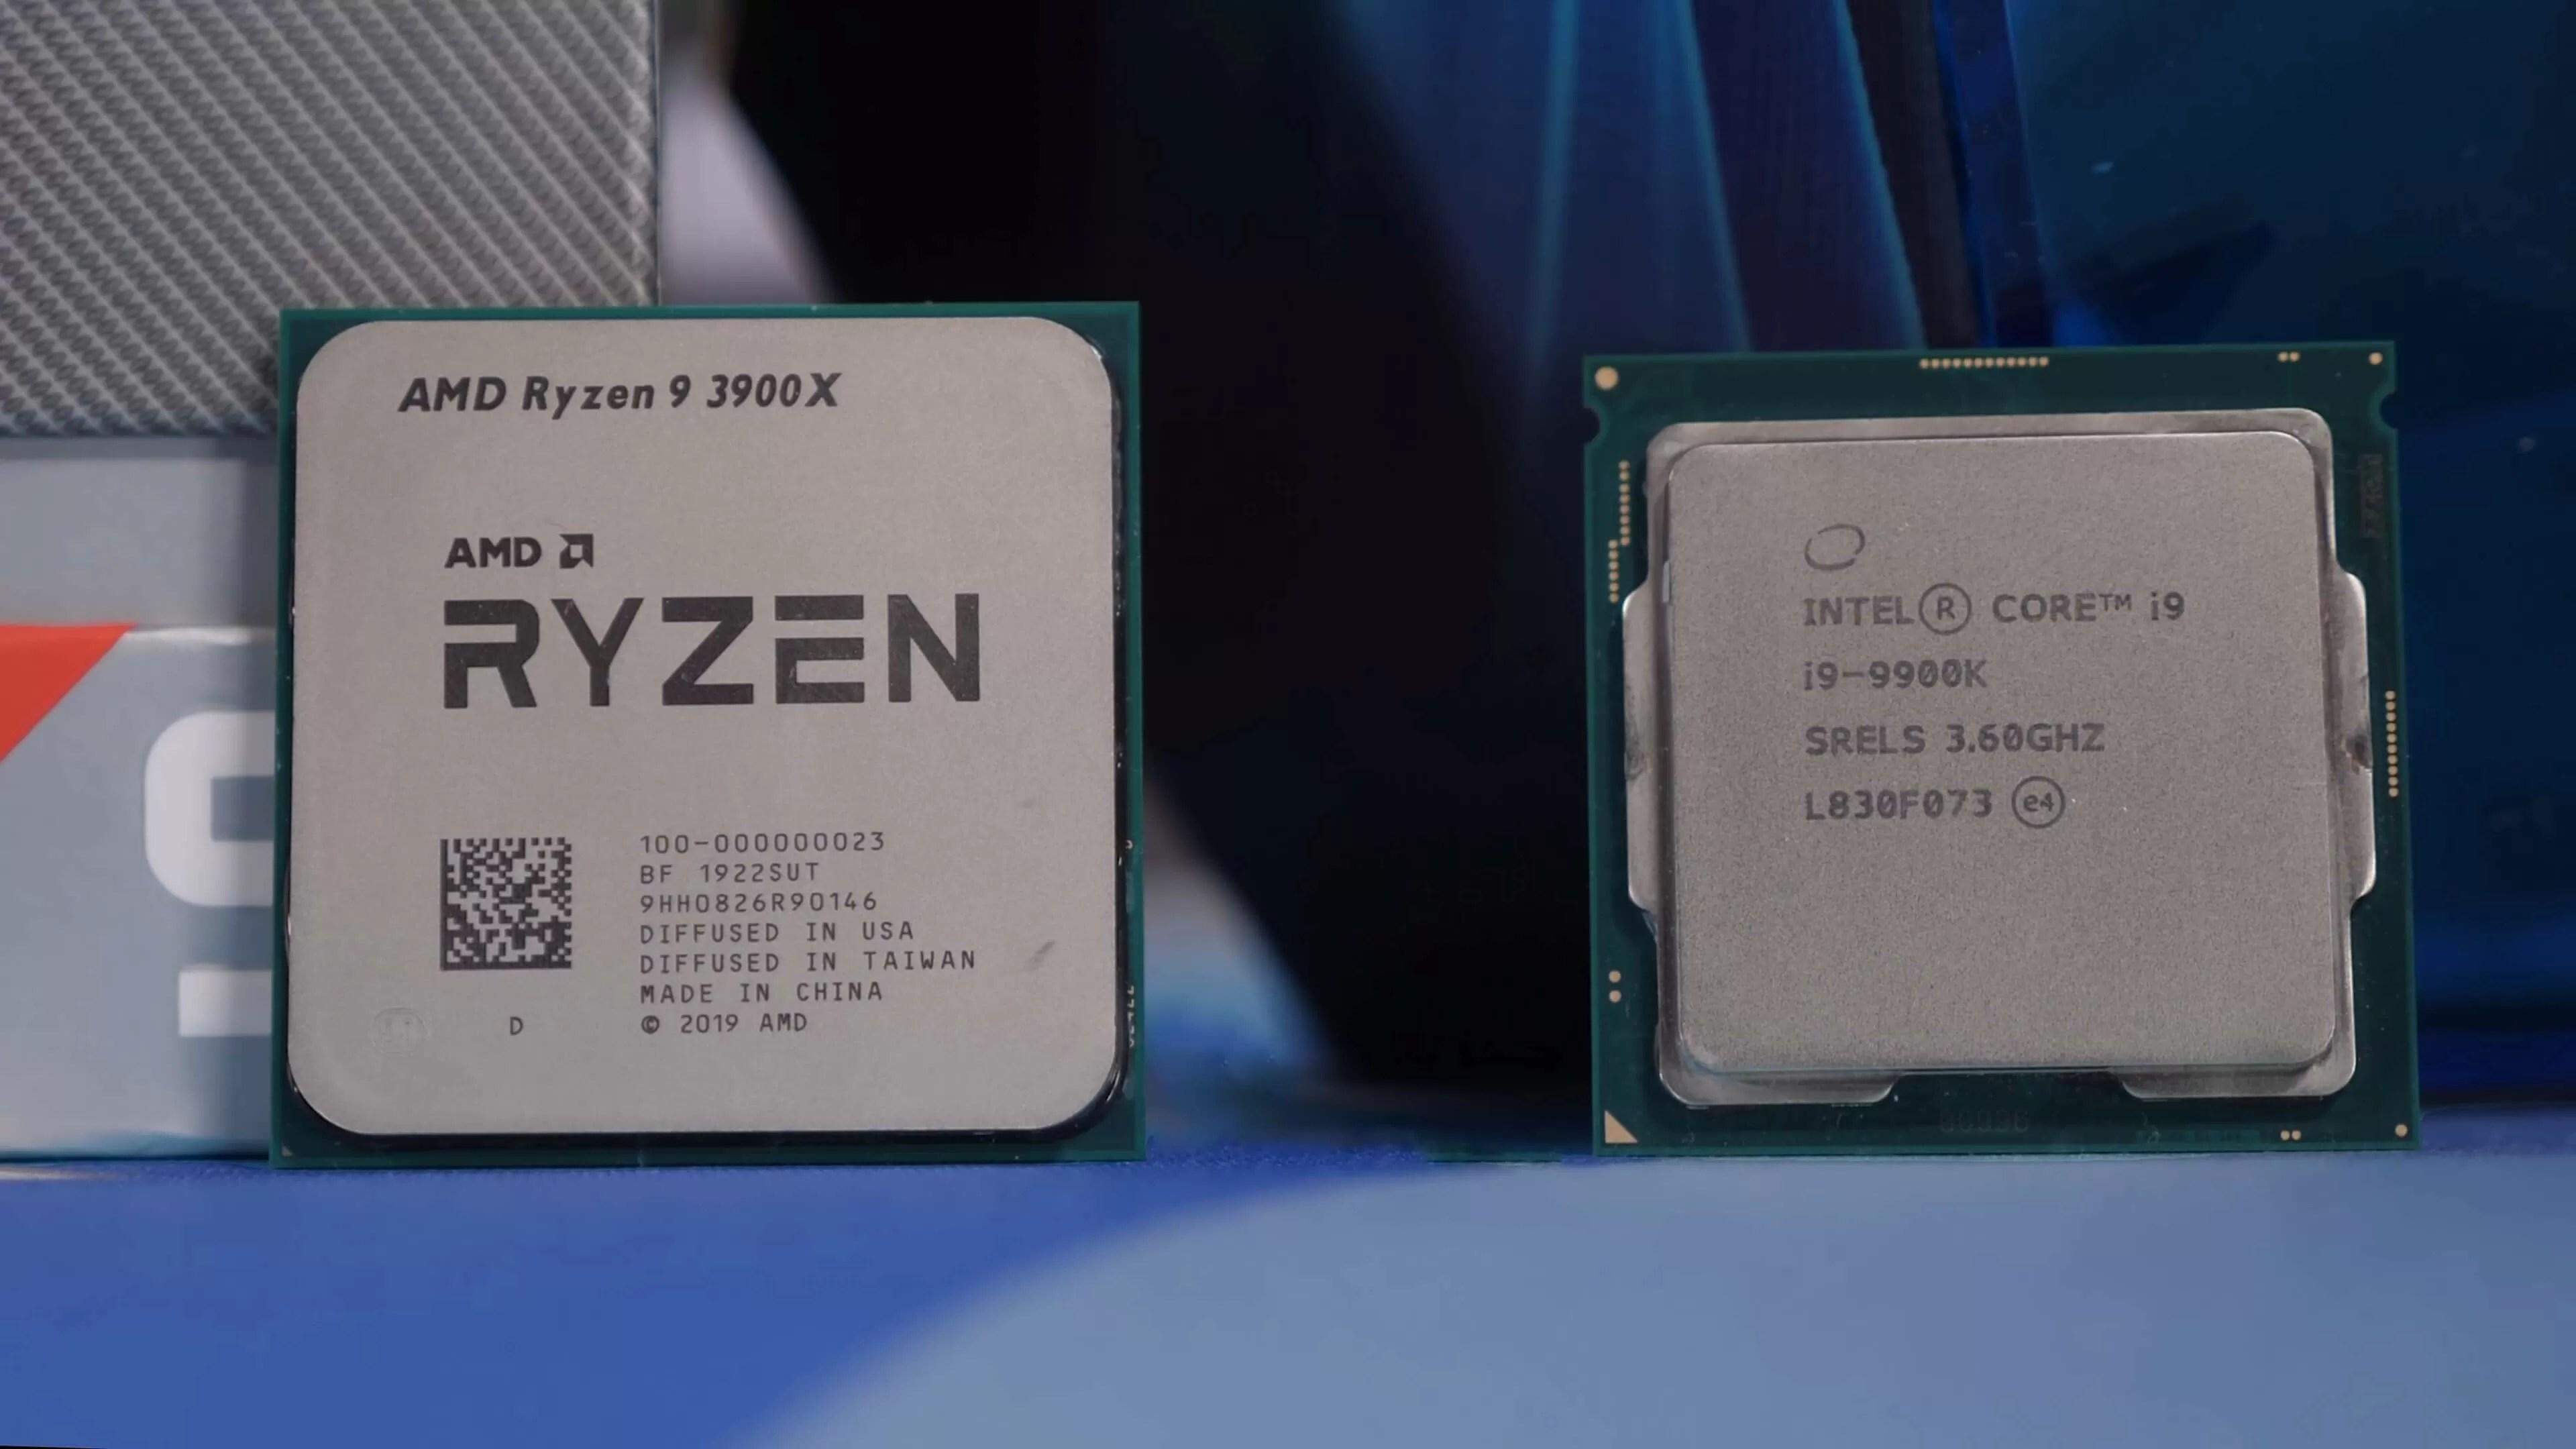 ryzen 9 3900x vs